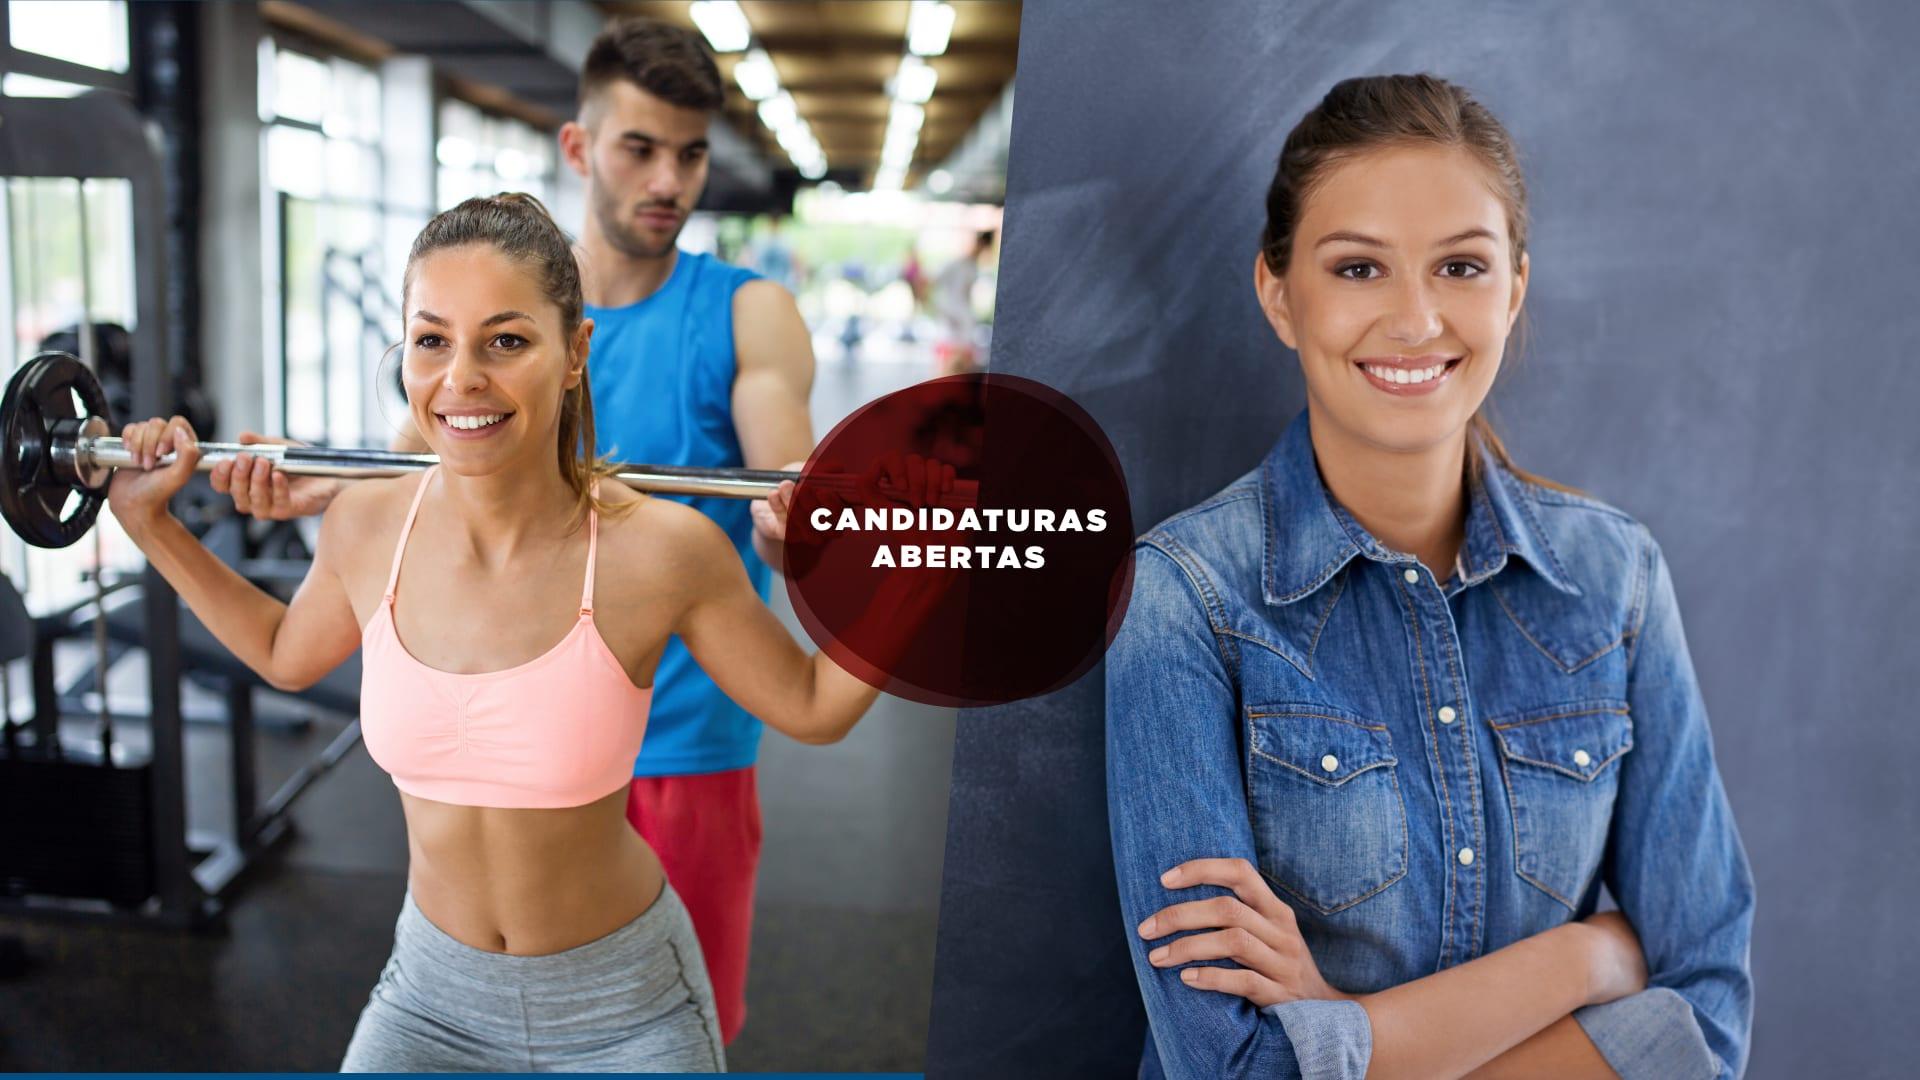 Candidaturas abertas para os novos cursos de Desporto e Educação Básica